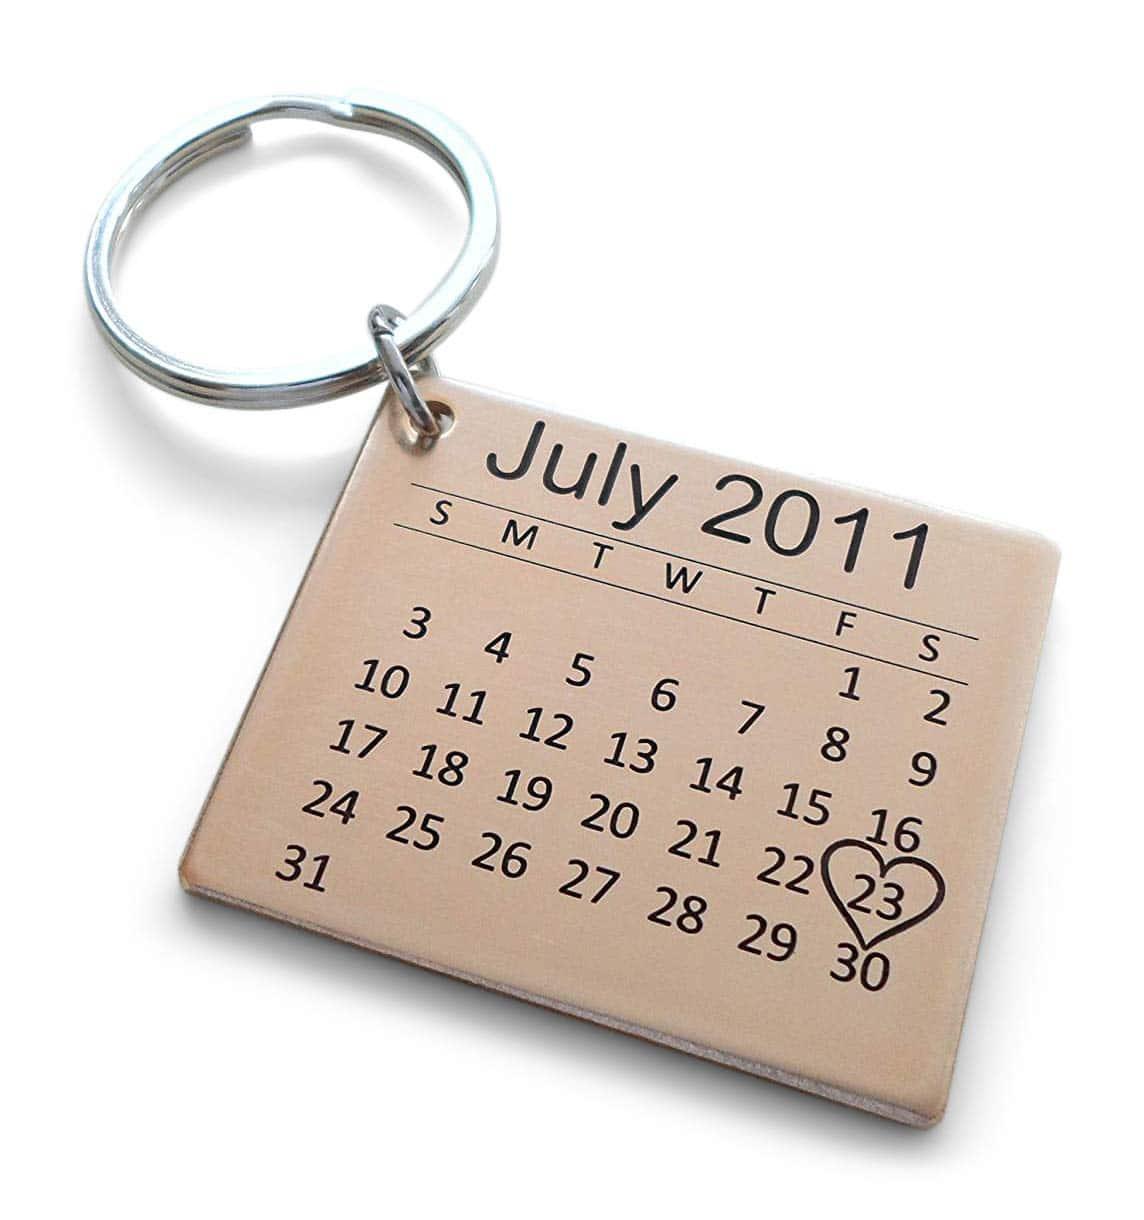 bronze-anniversary-gifts-key-chain